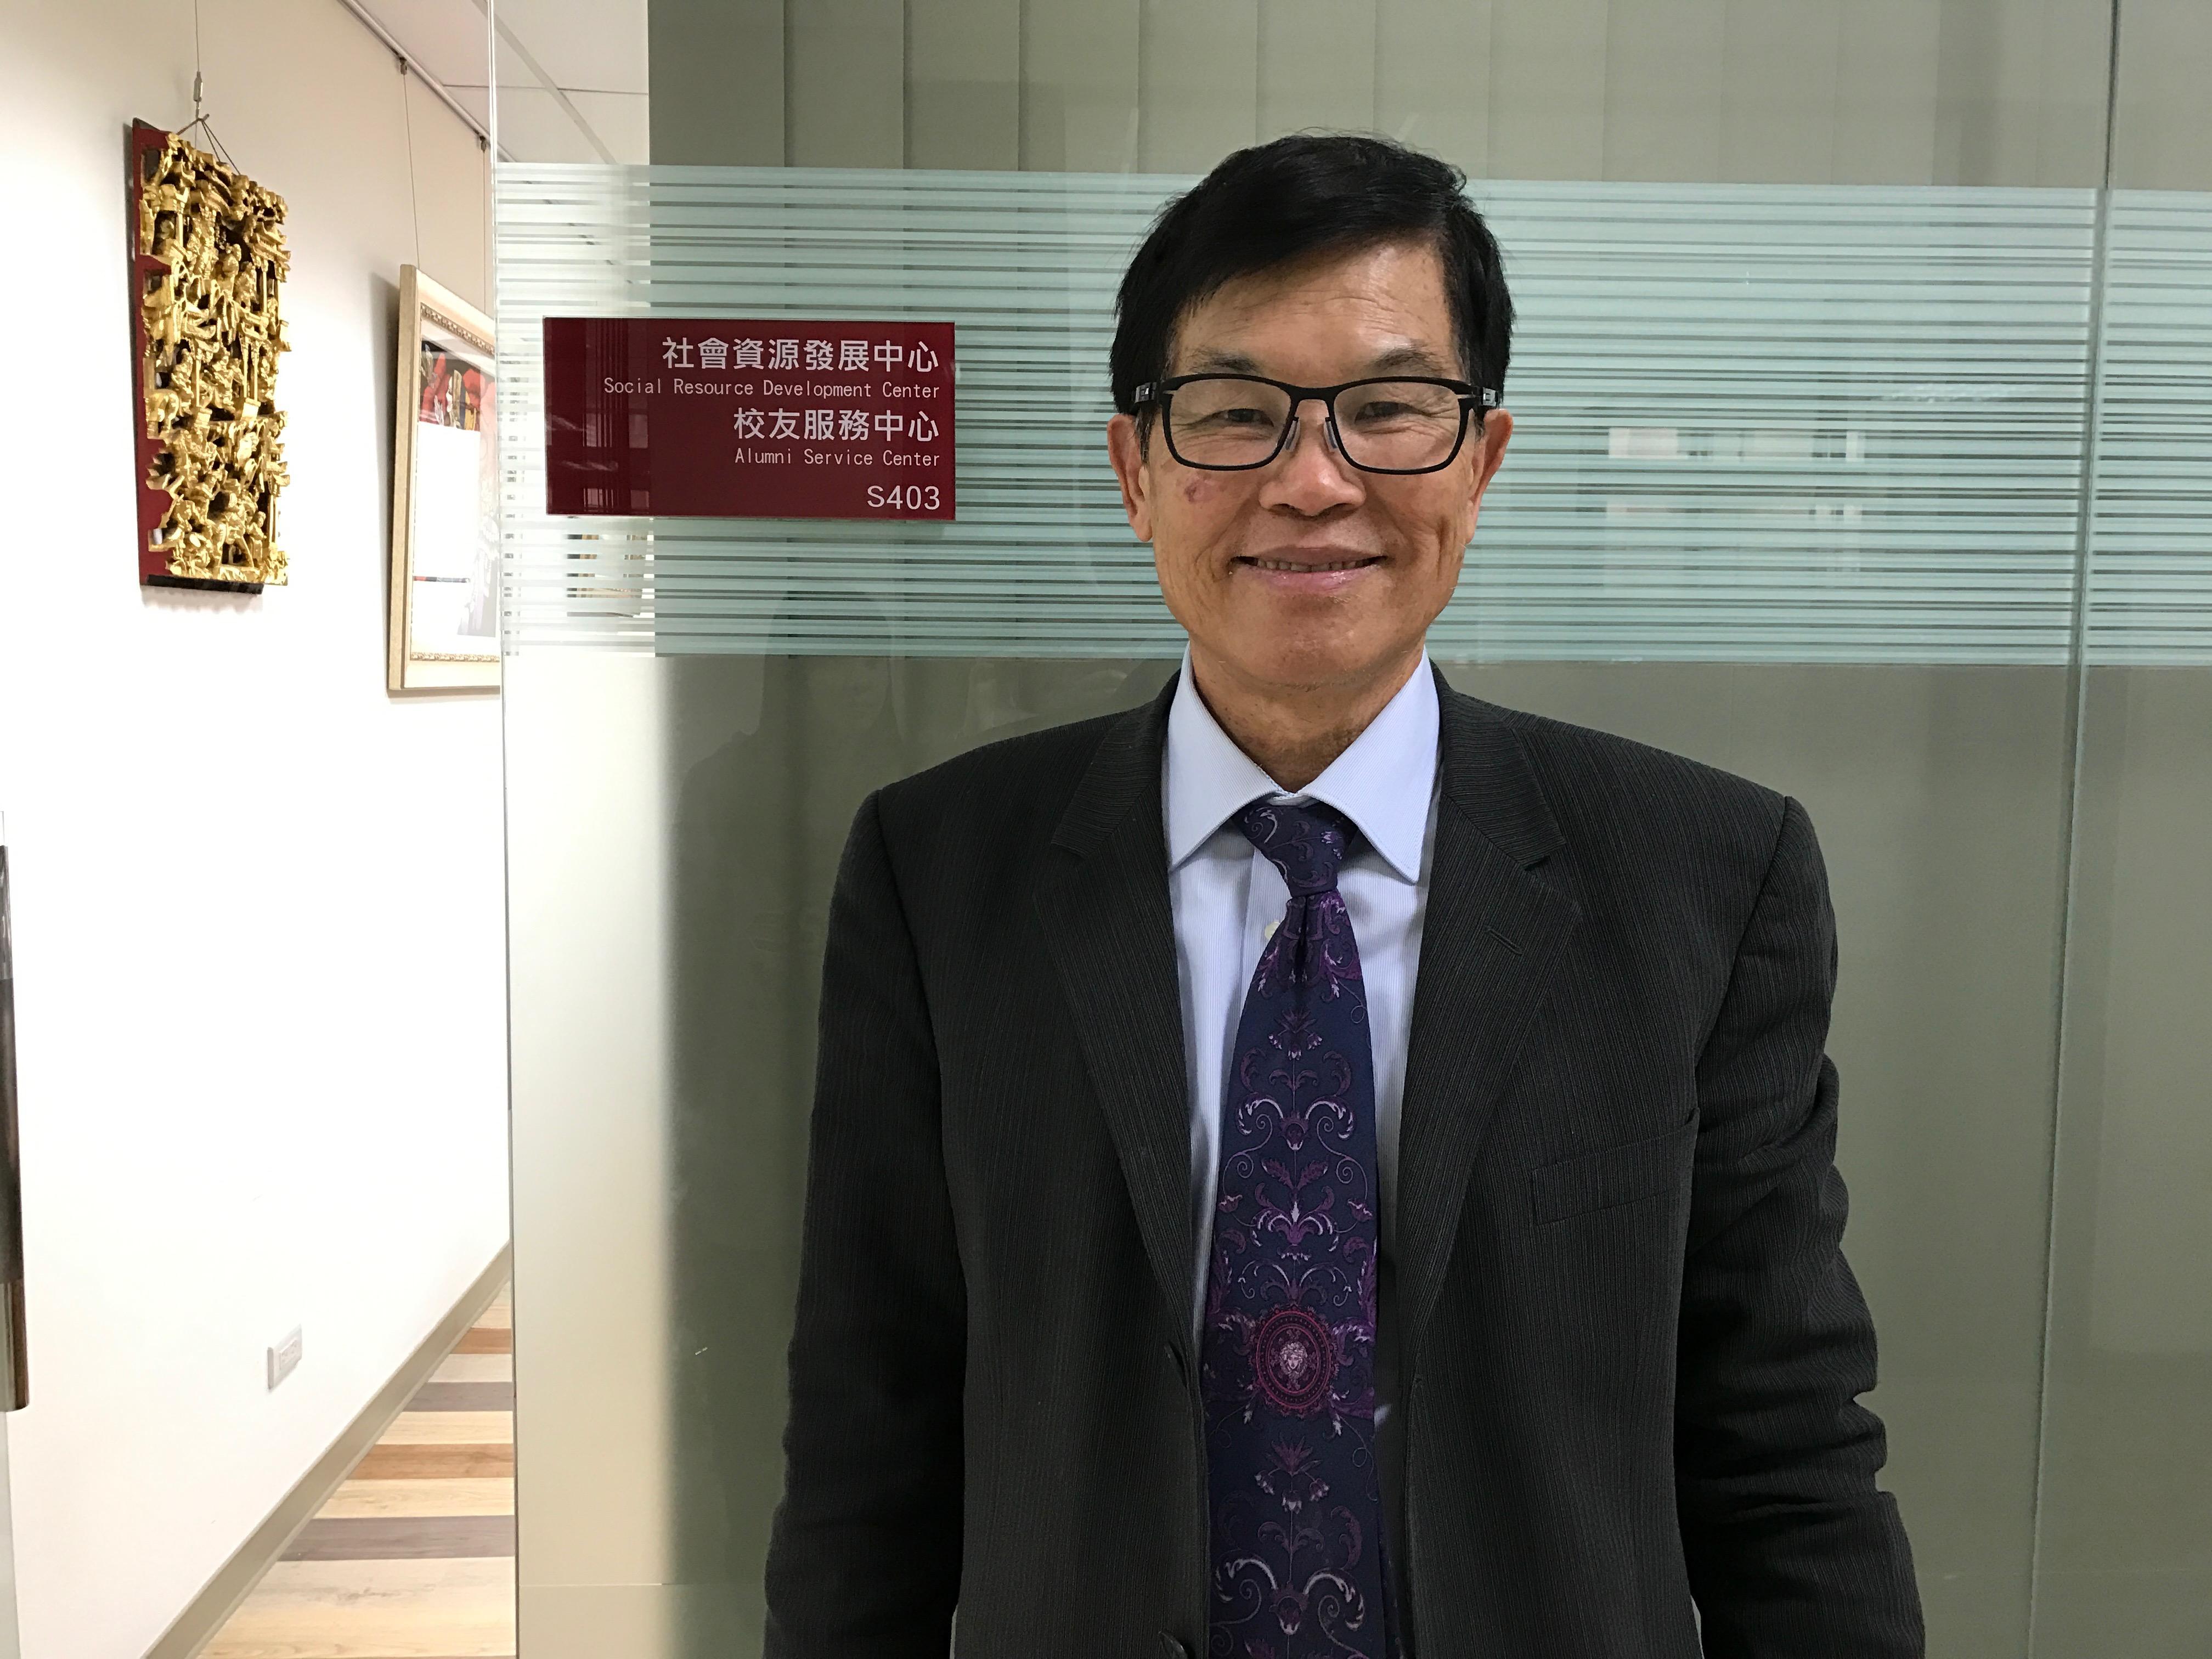 畢業於世新大學公共關係的謝雷諾,出任社會資源發展中心執行長。攝影/高凡淳